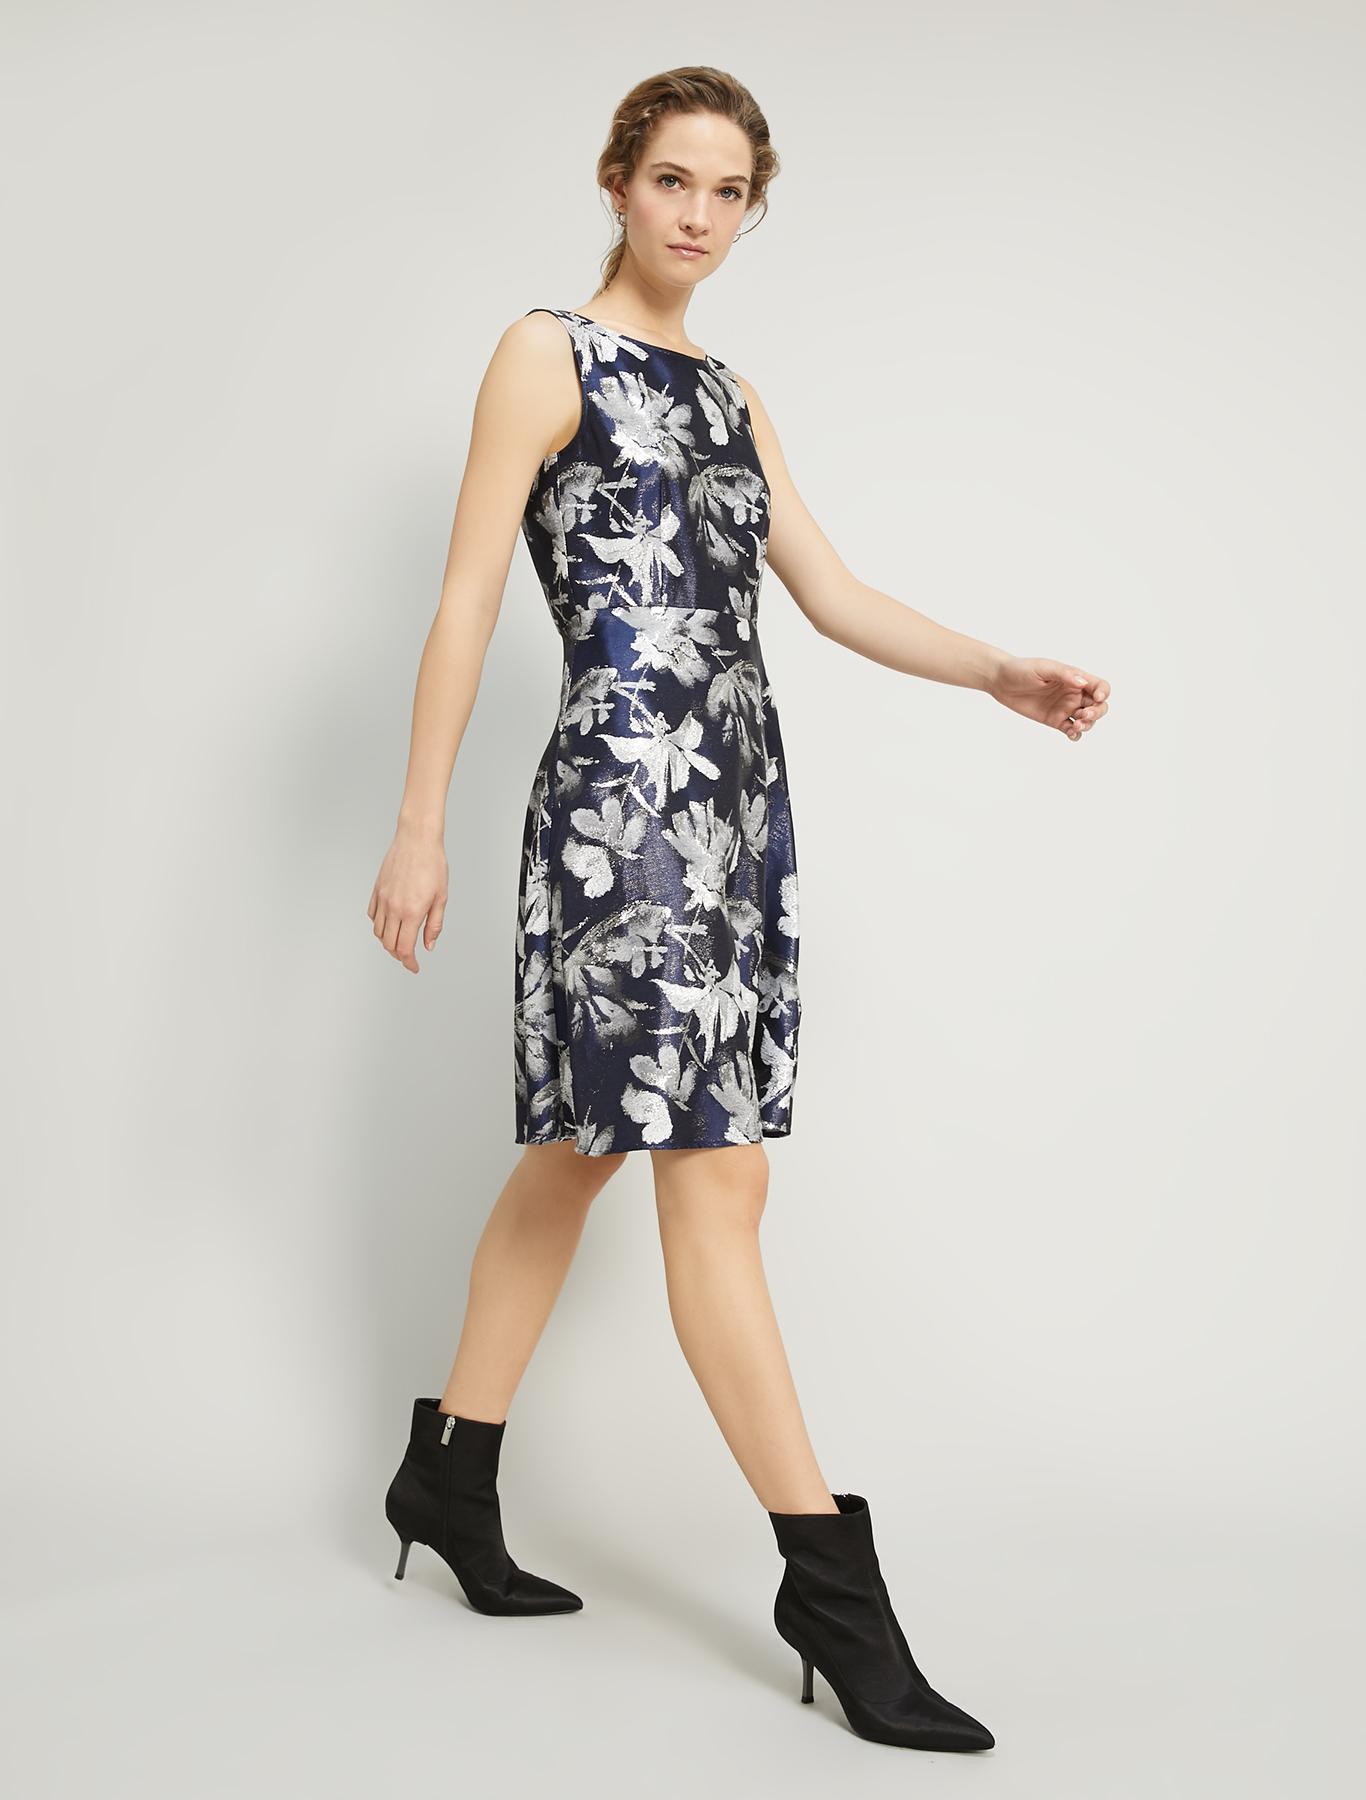 Lamé jacquard dress - navy blue pattern - pennyblack